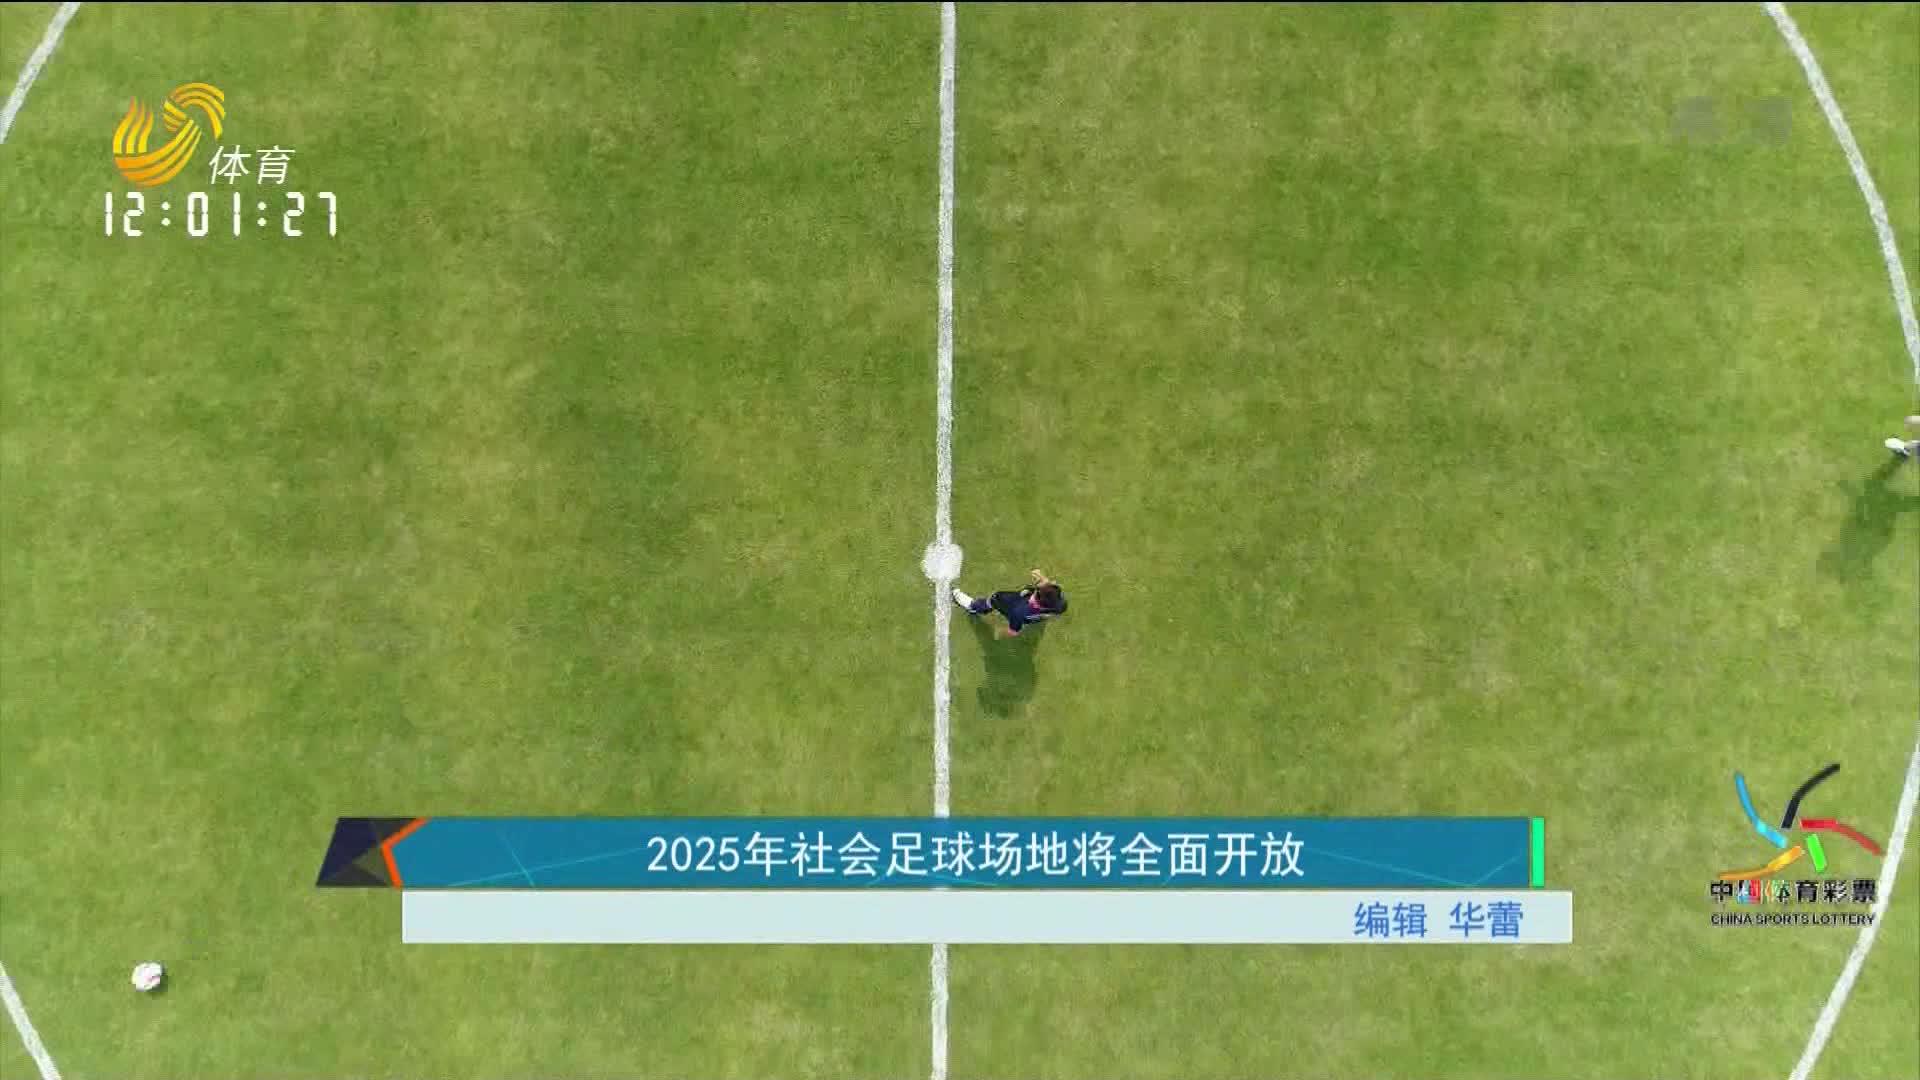 2025年社会足球场地将全面开放